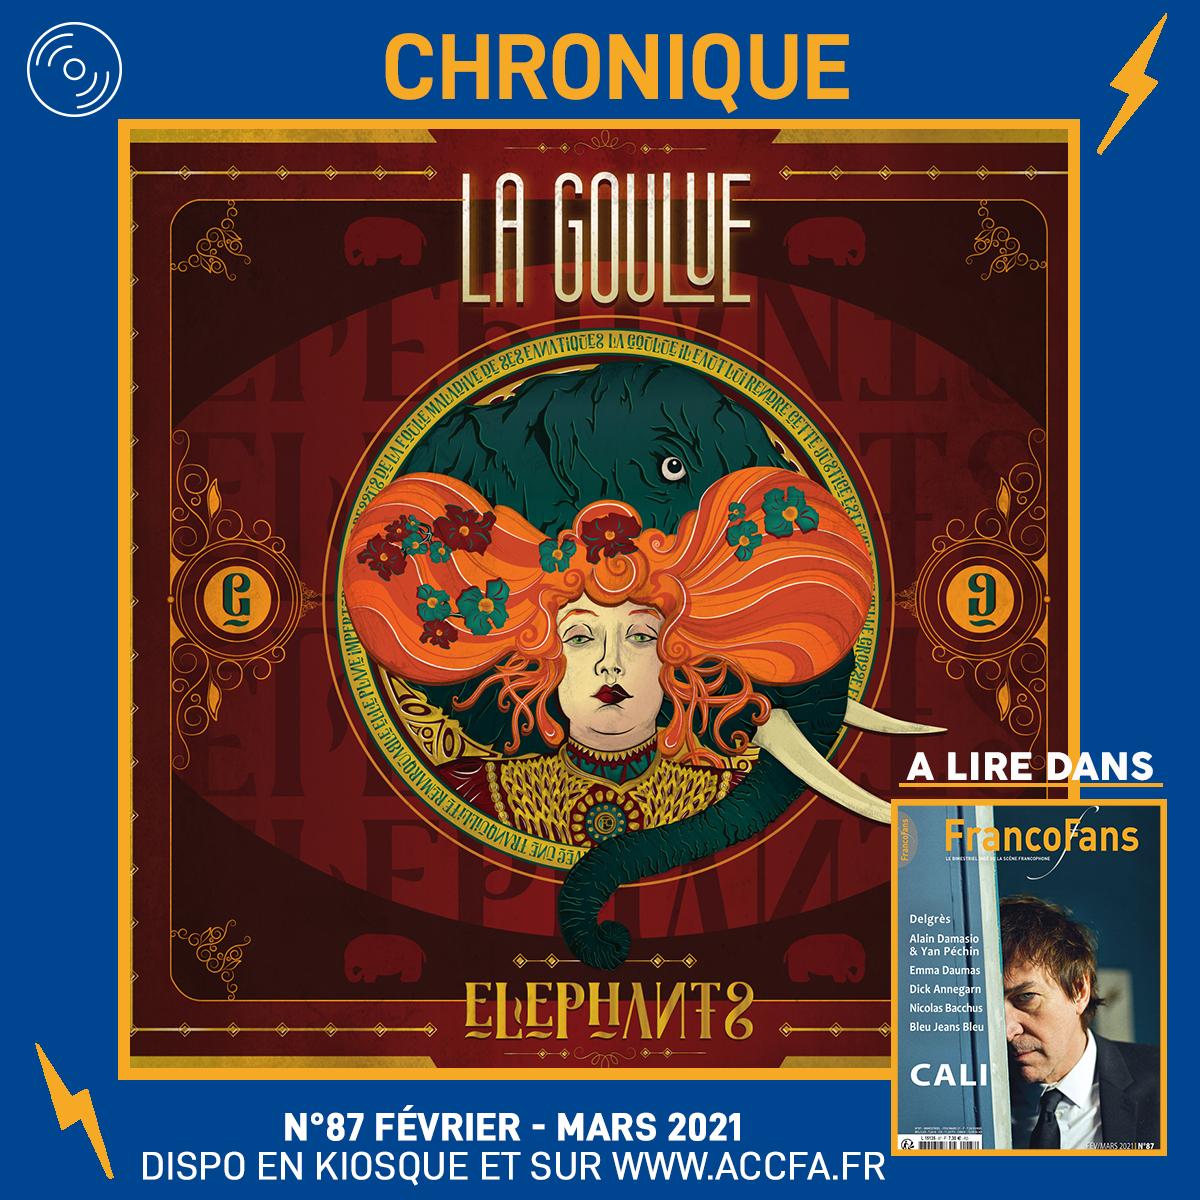 [Chronique] La Goulue - Eléphants